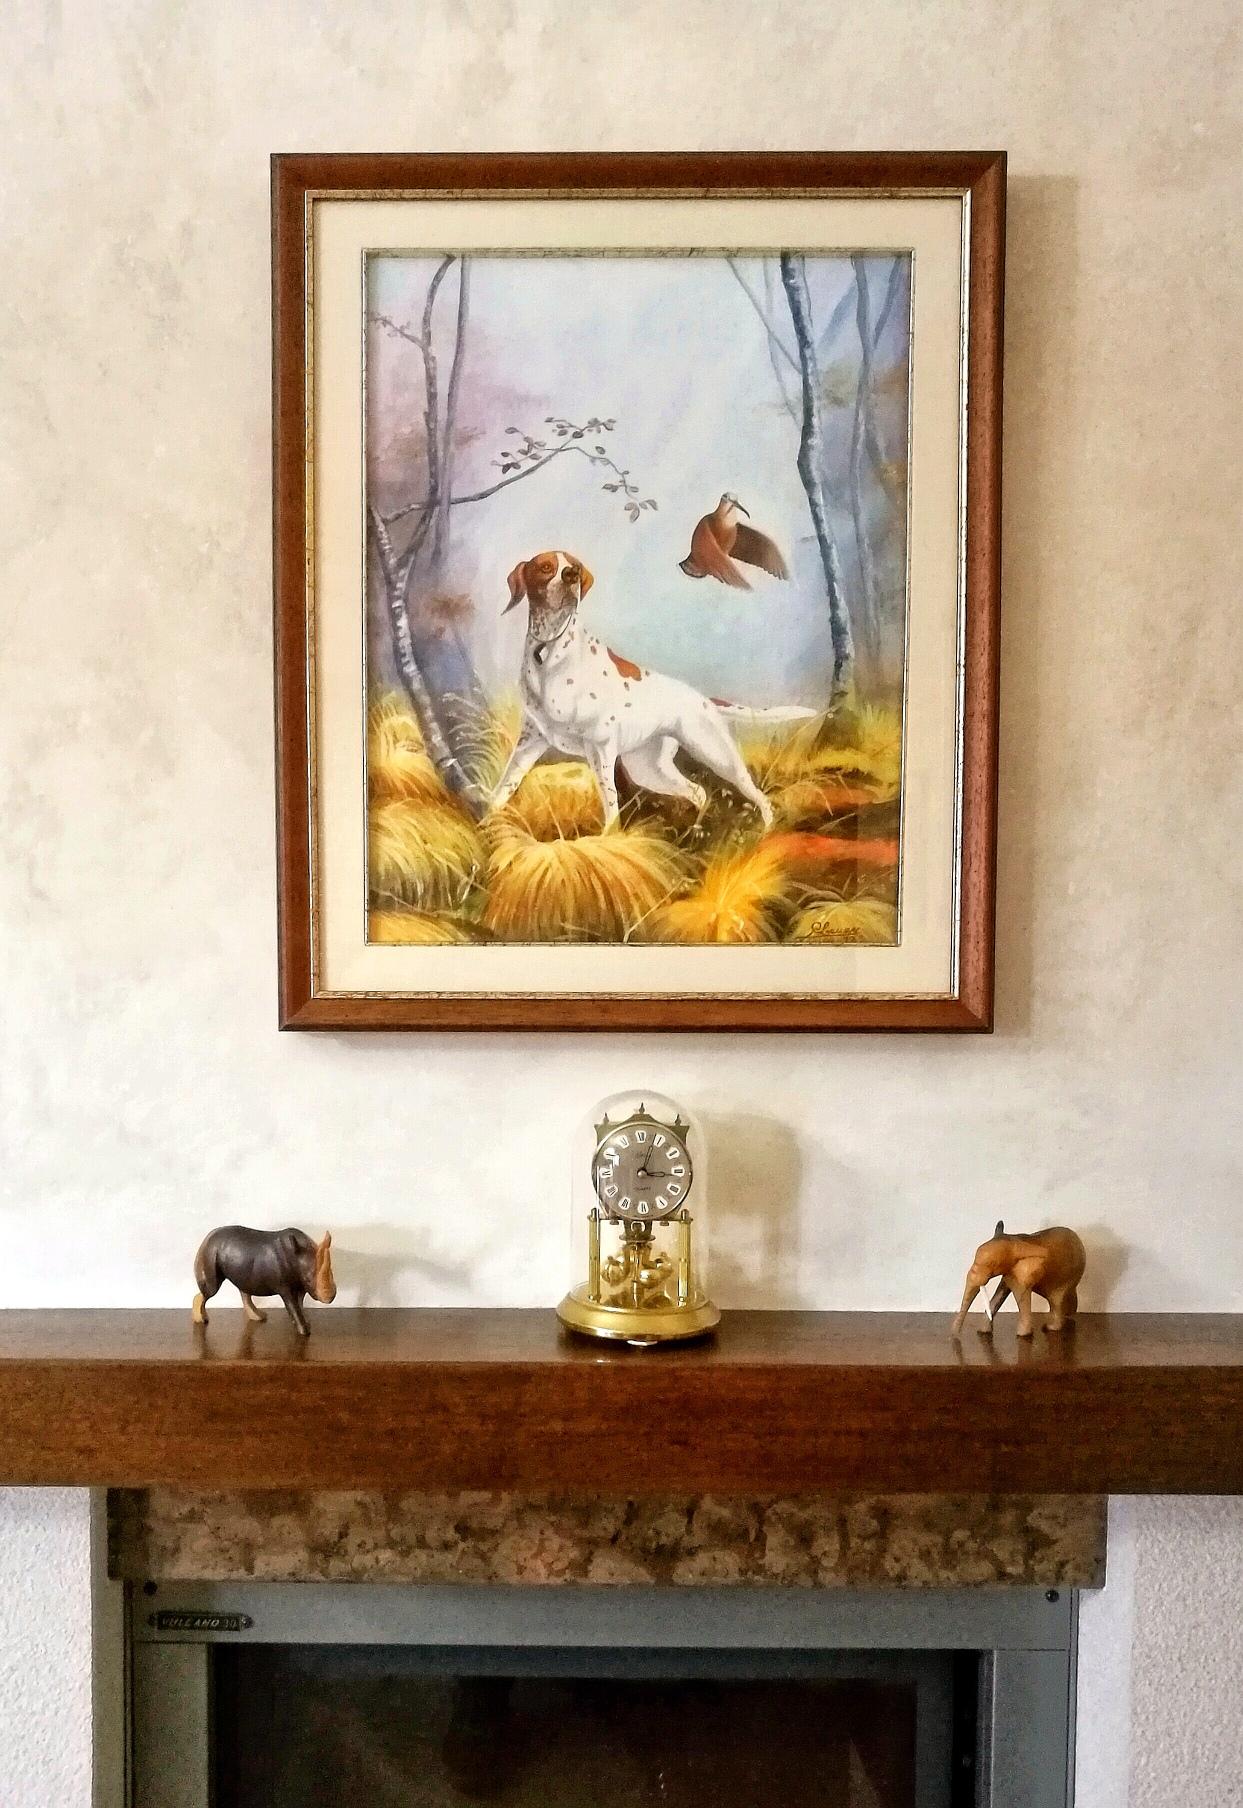 Quadro con Scena di caccia in salotto sopra il camino